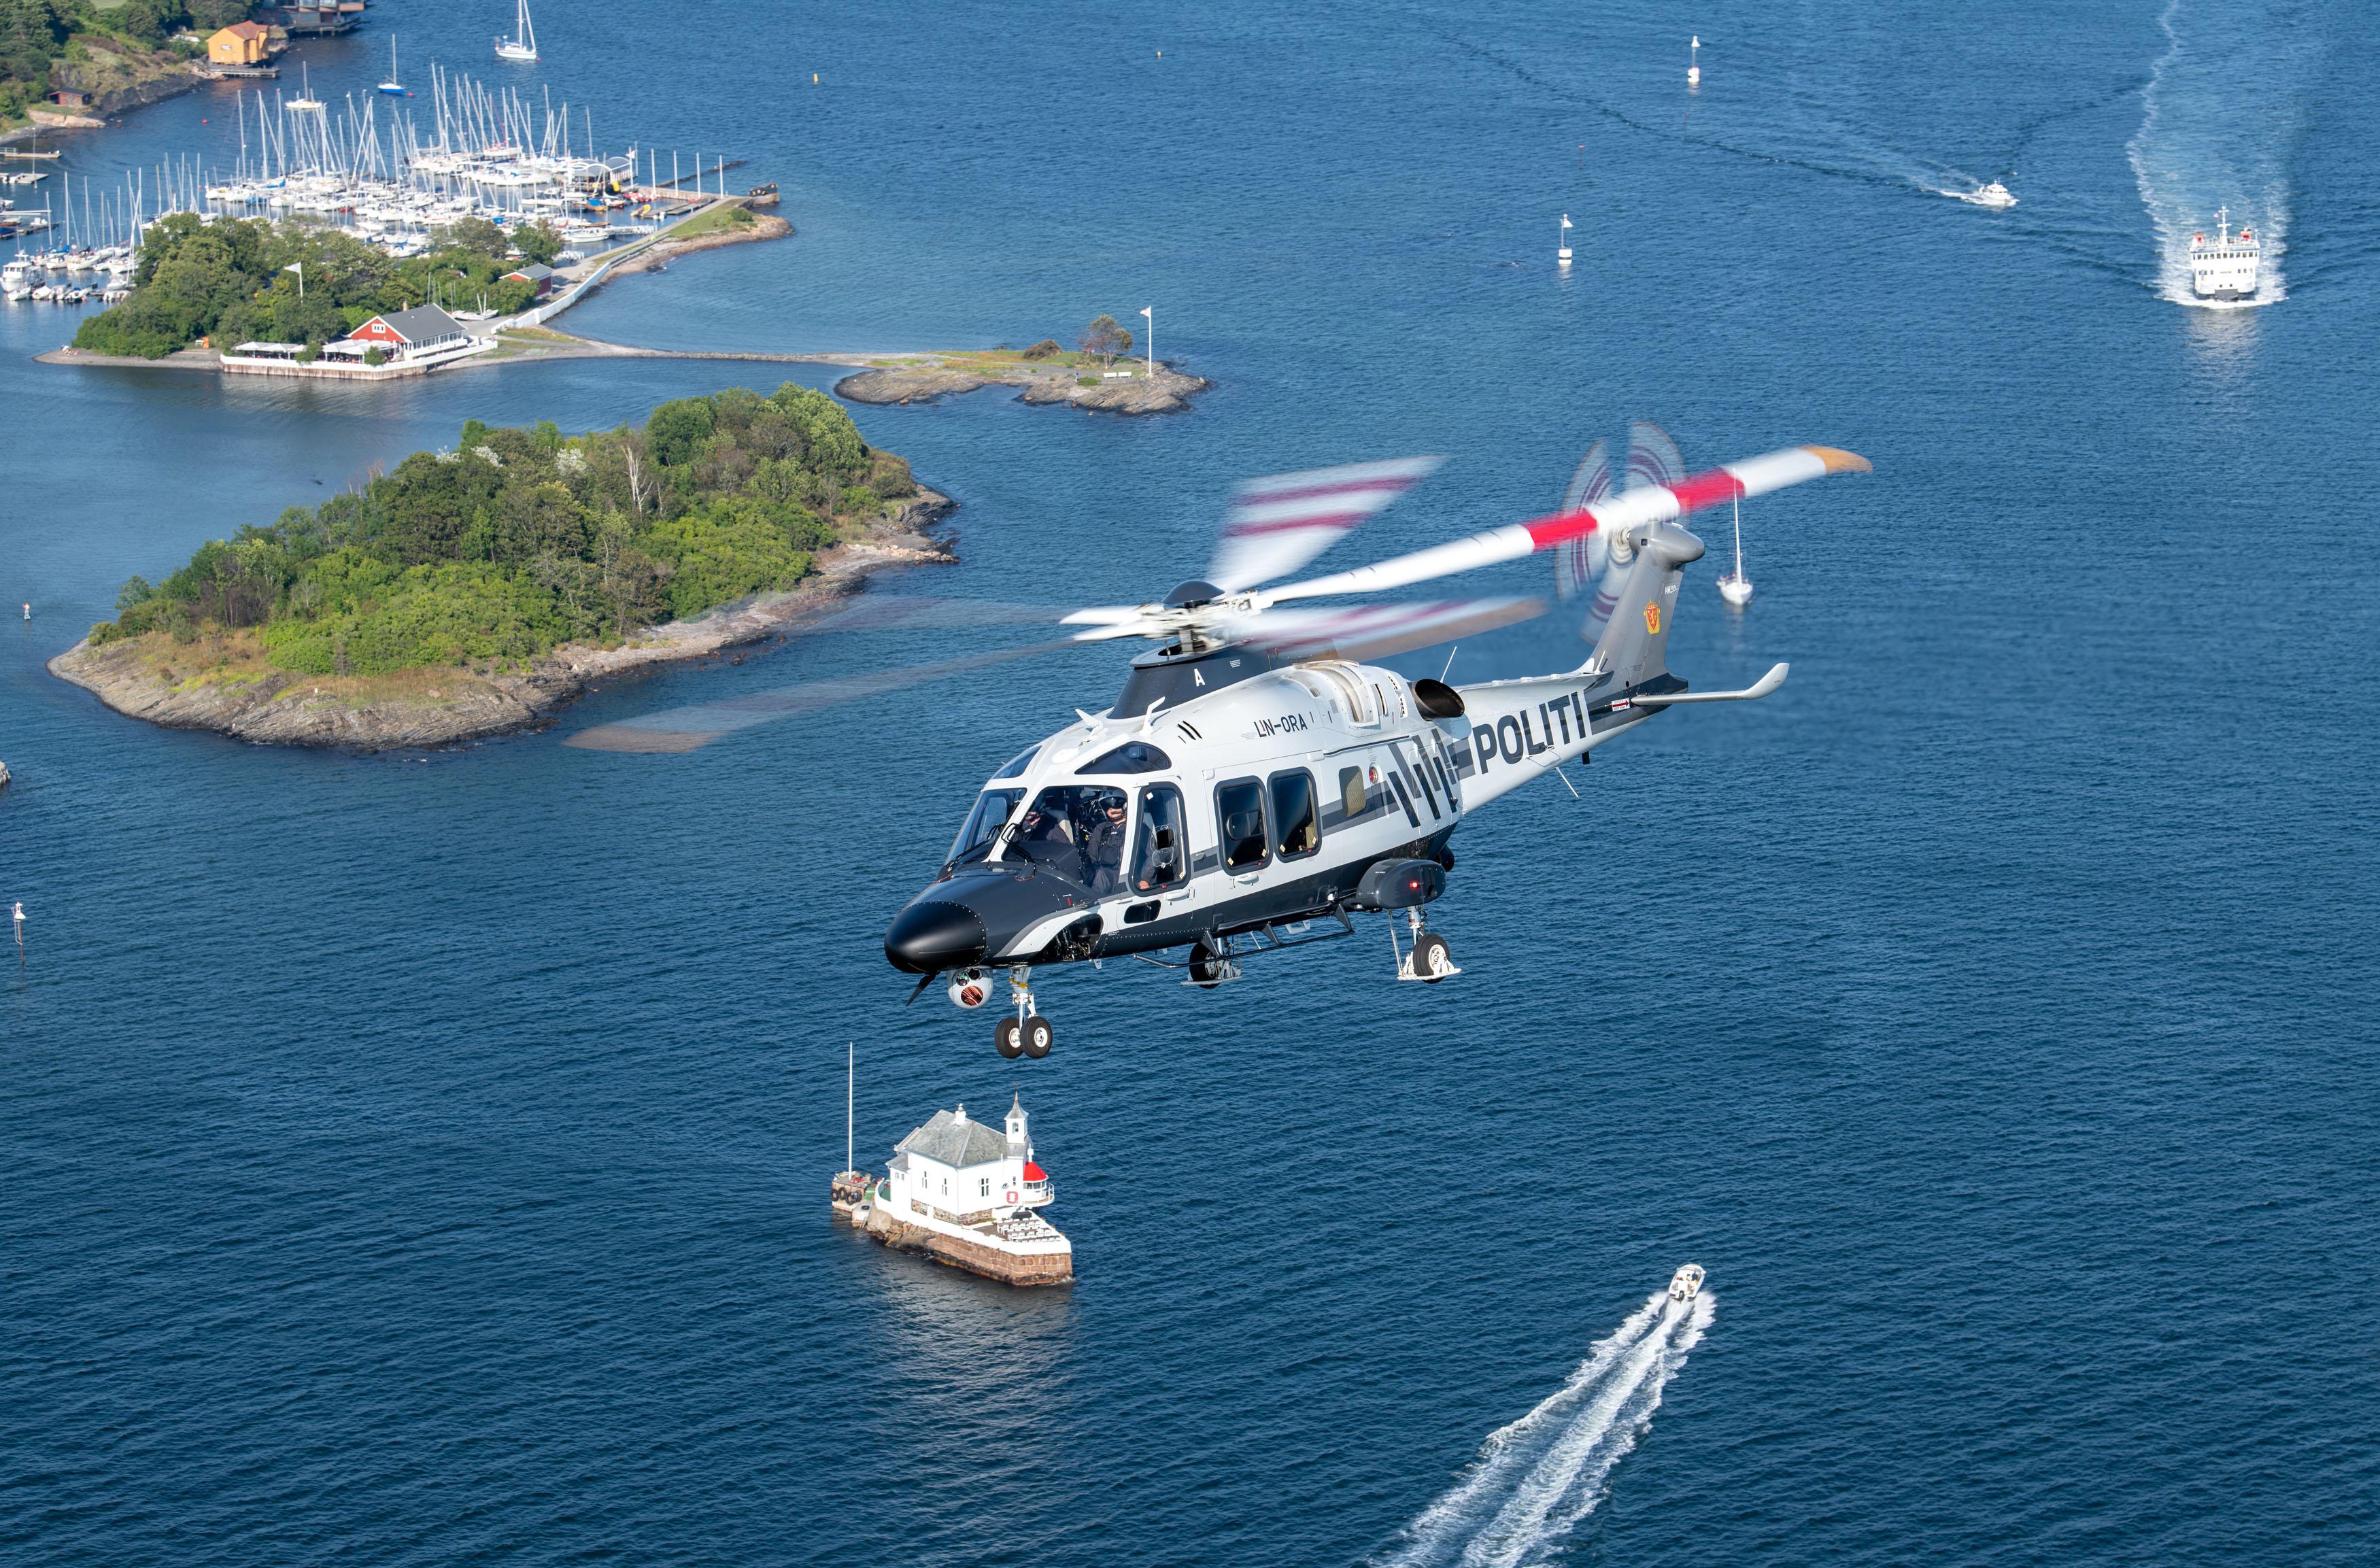 De norske politihelikoptrene bruker EGNOS ved innflyging. Foto: Politiet/Ned Dawson.